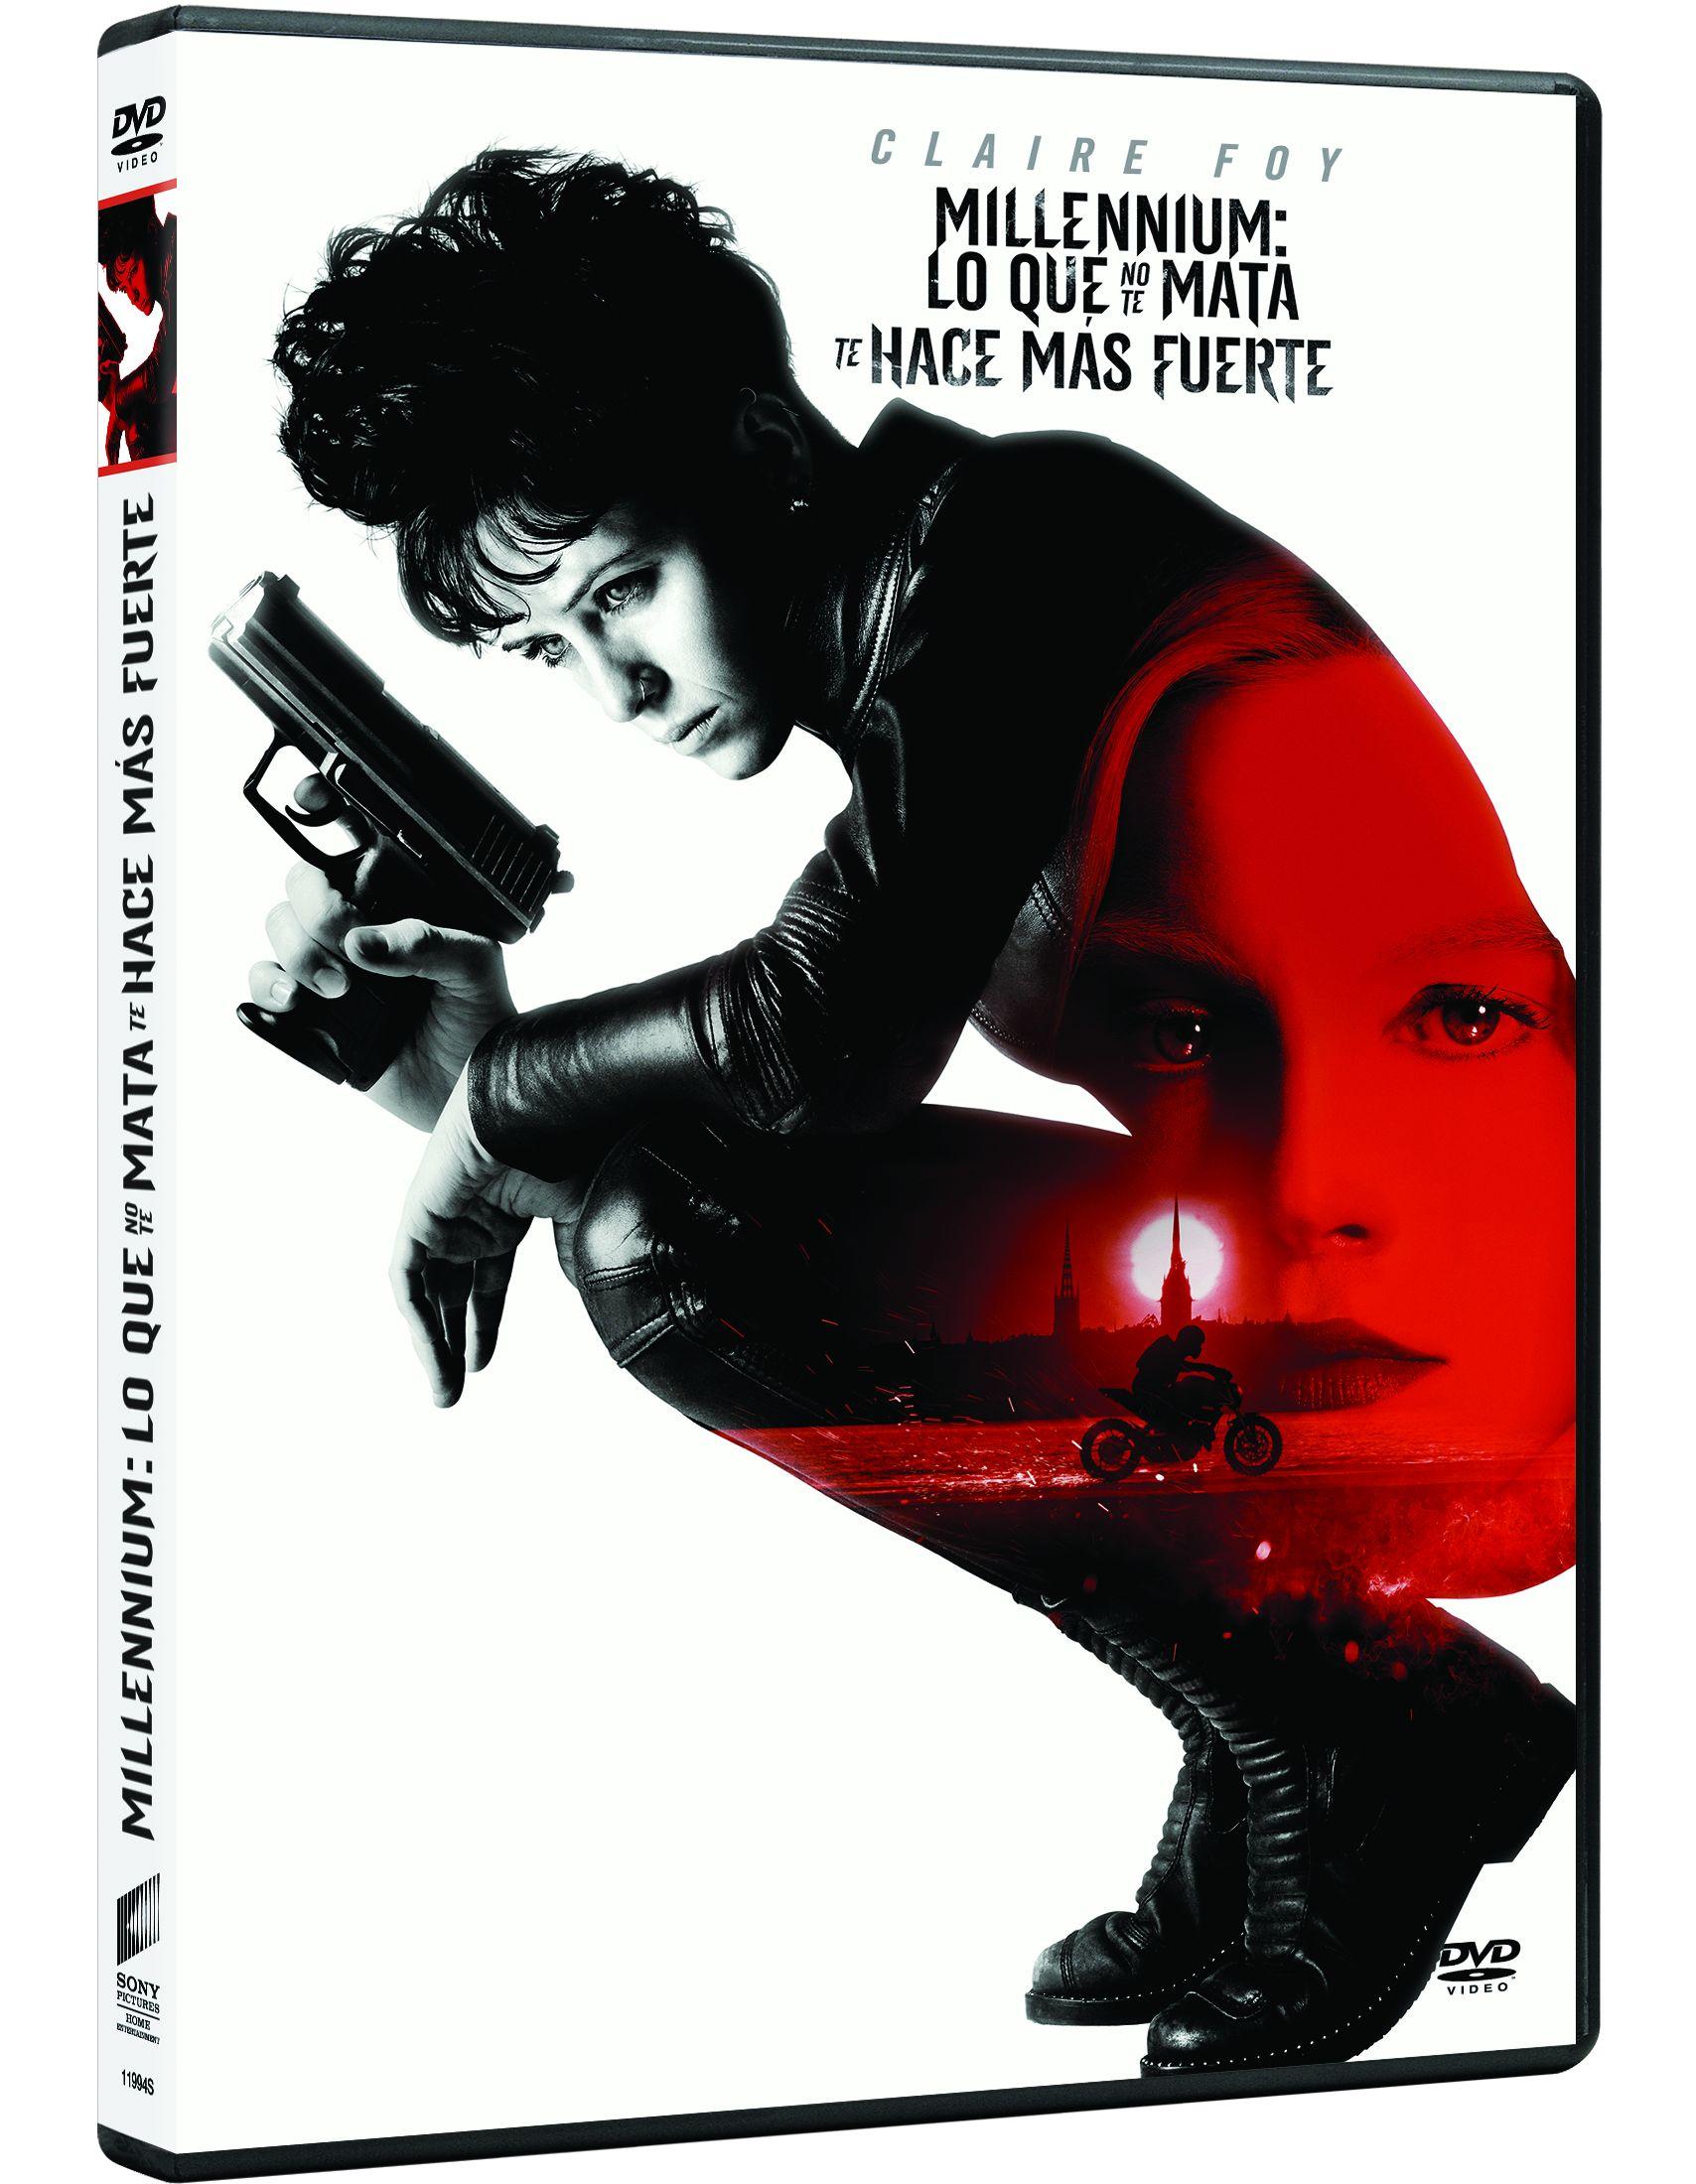 millennium: lo que no te mata te hace más fuerte - dvd --8414533119948